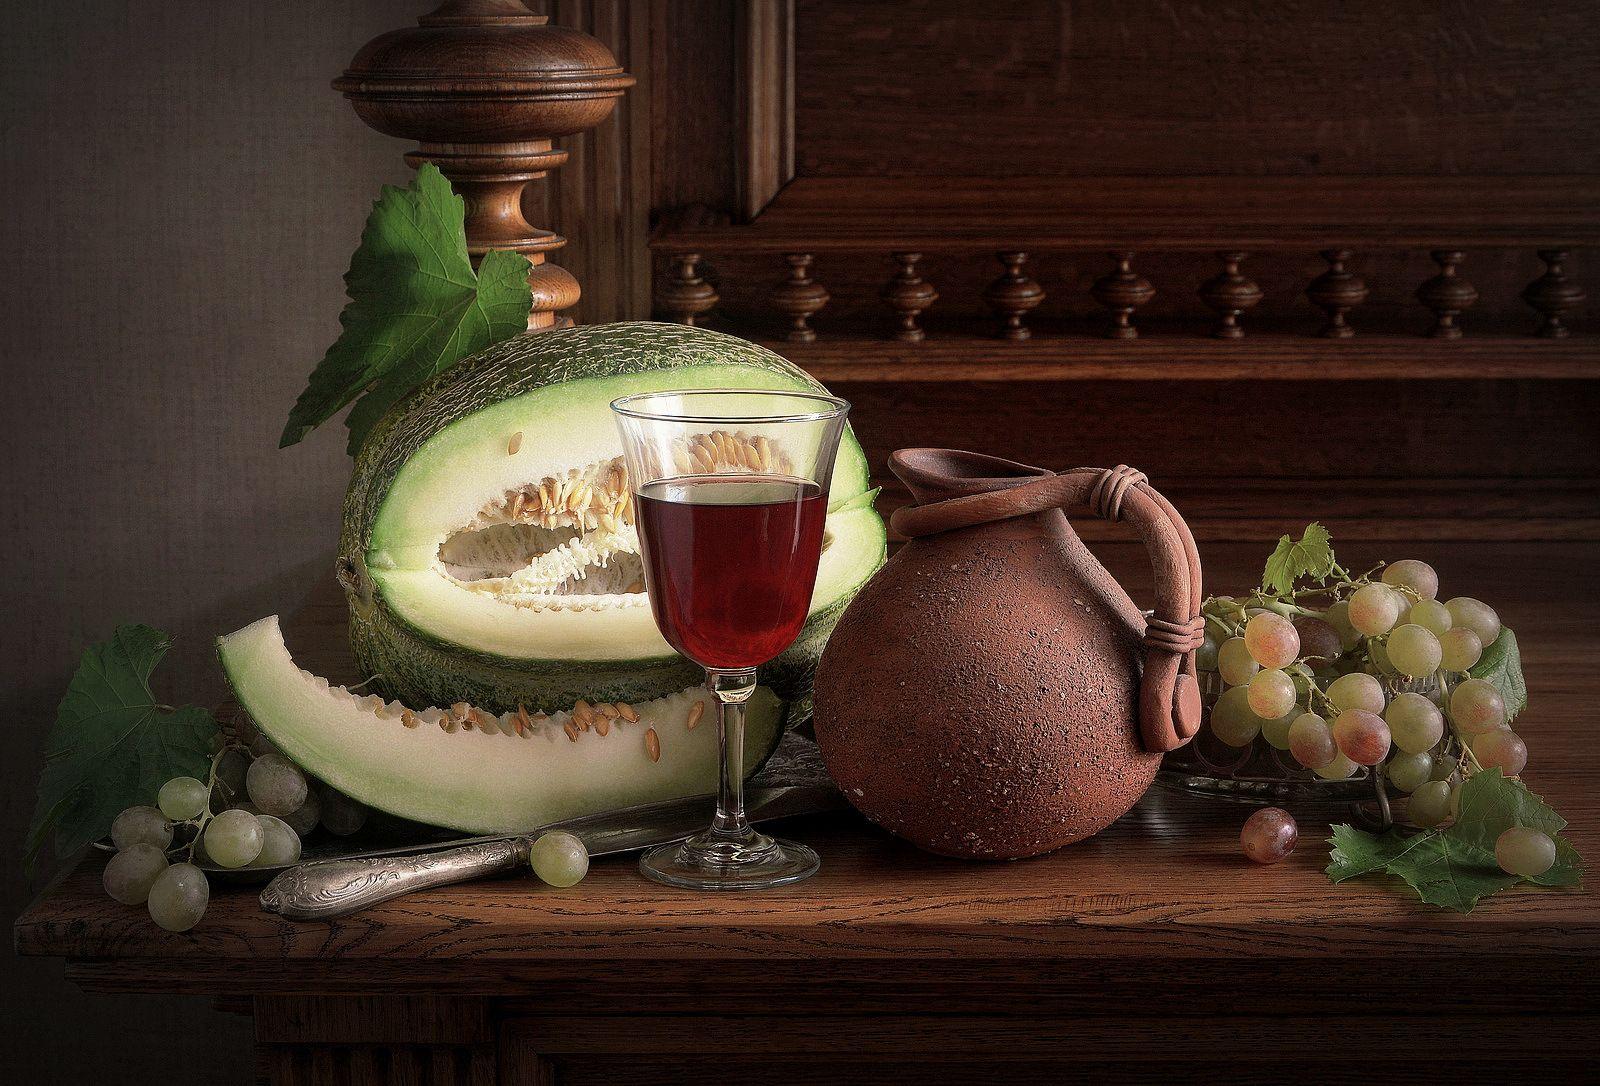 Натюрморт с малиновым вином Сергей Алексеев натюрморт